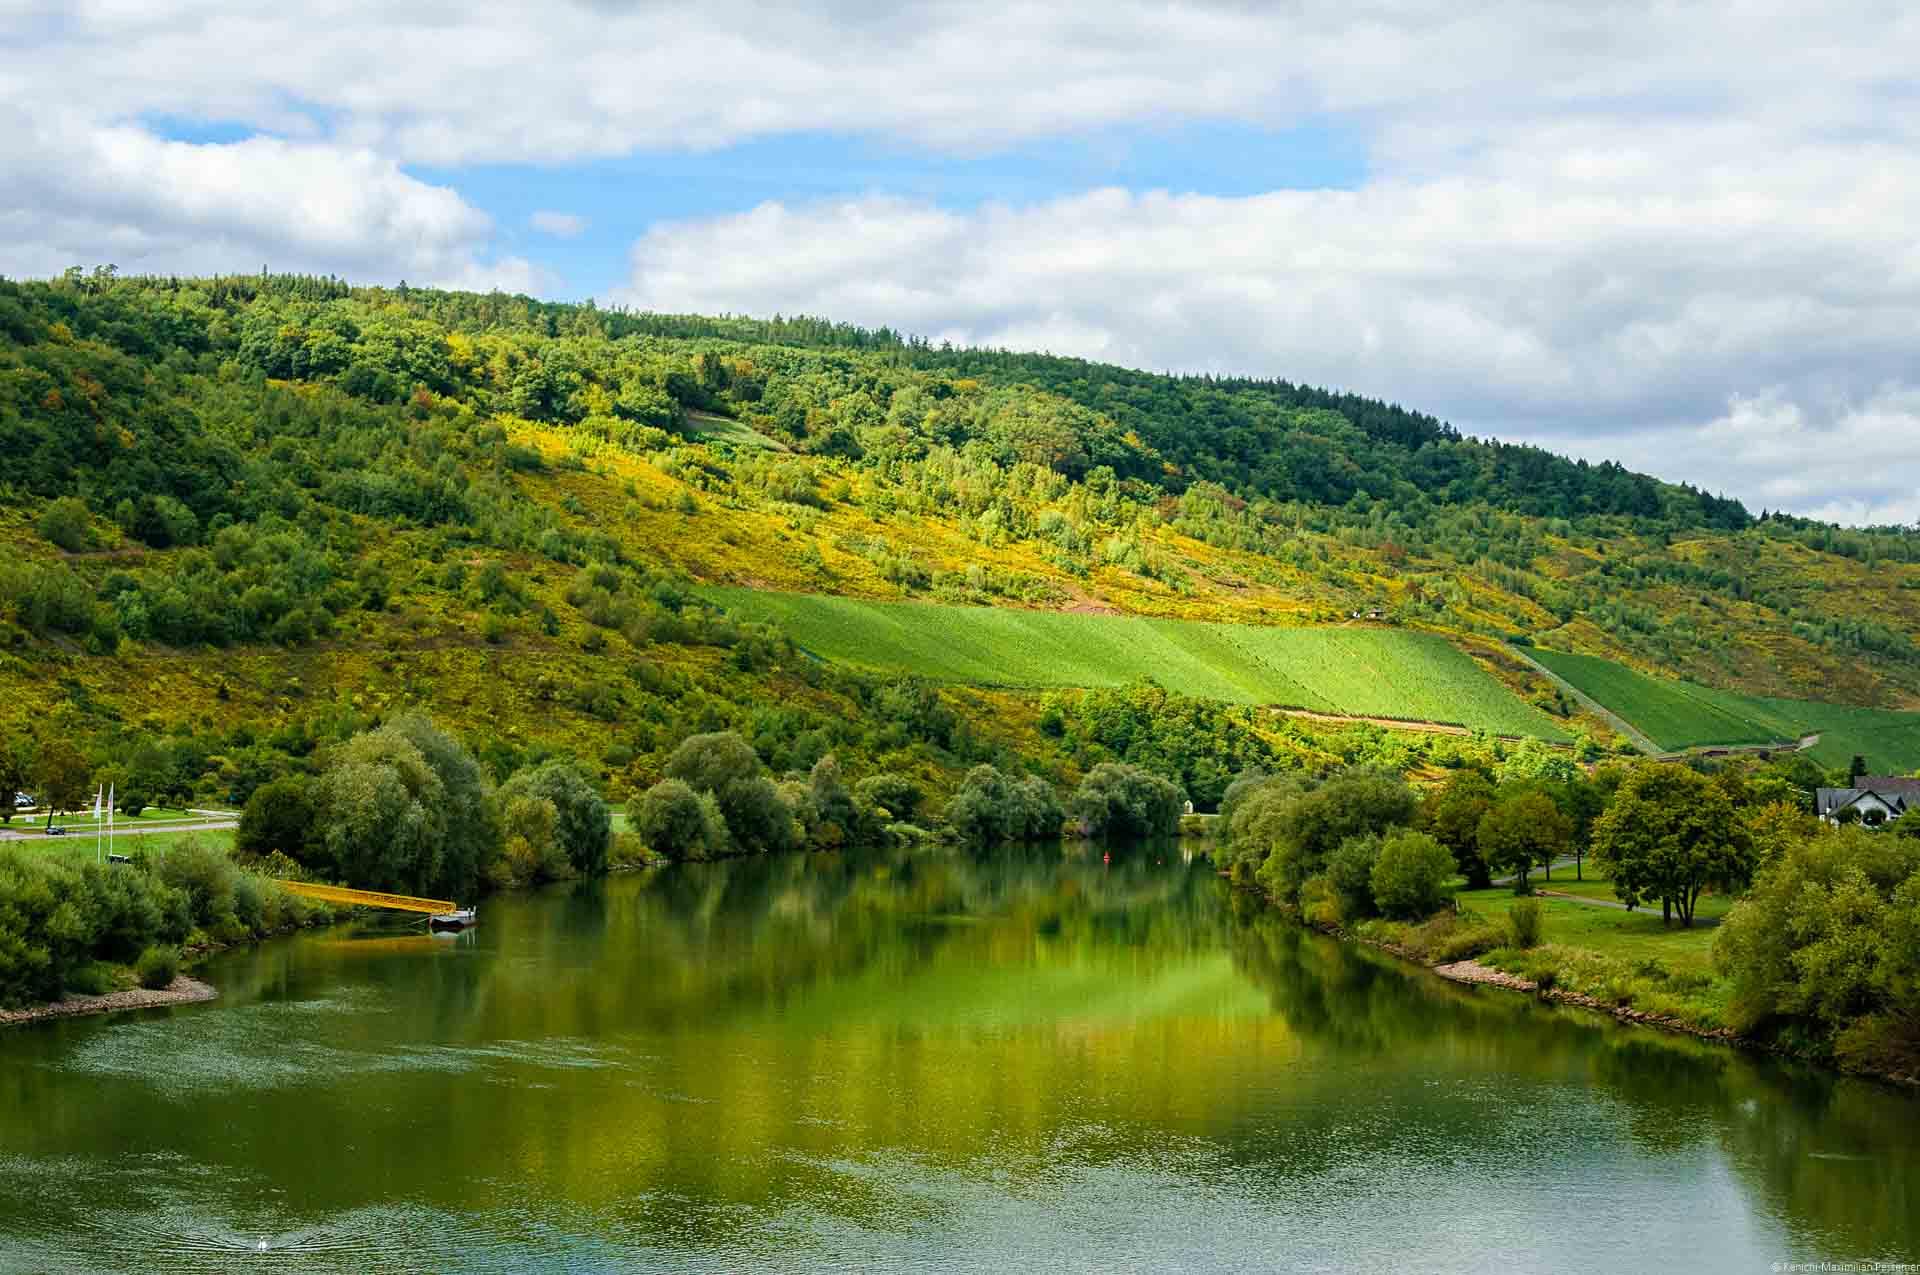 Im Vordergrund fließt die Mosel. Am hinteren Ufer liegt der Weinberg Zeltinger Deutschherrenberg. Oberhalb des Weinberges ist Wald. Der blaue Himmel ist bewölkt.